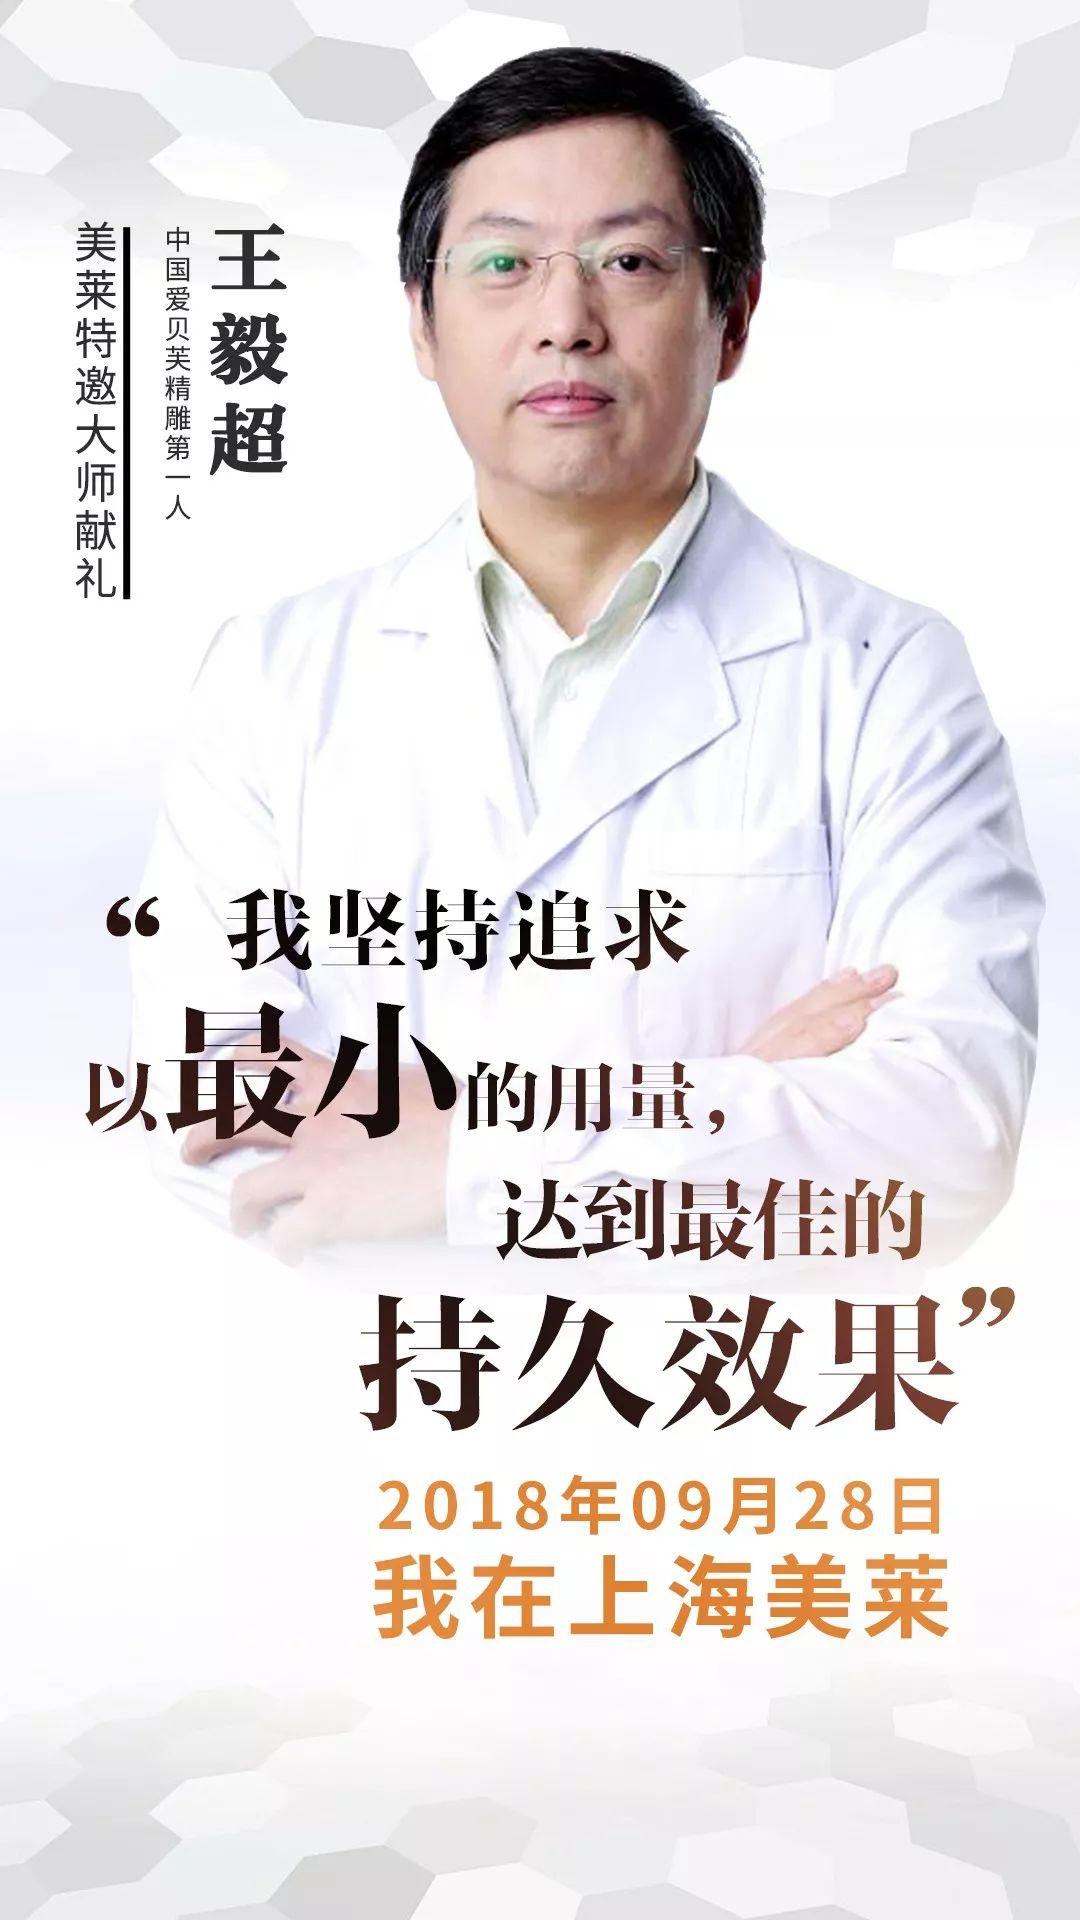 专家坐诊|2018年9月28日王毅超教授坐诊上海美莱~